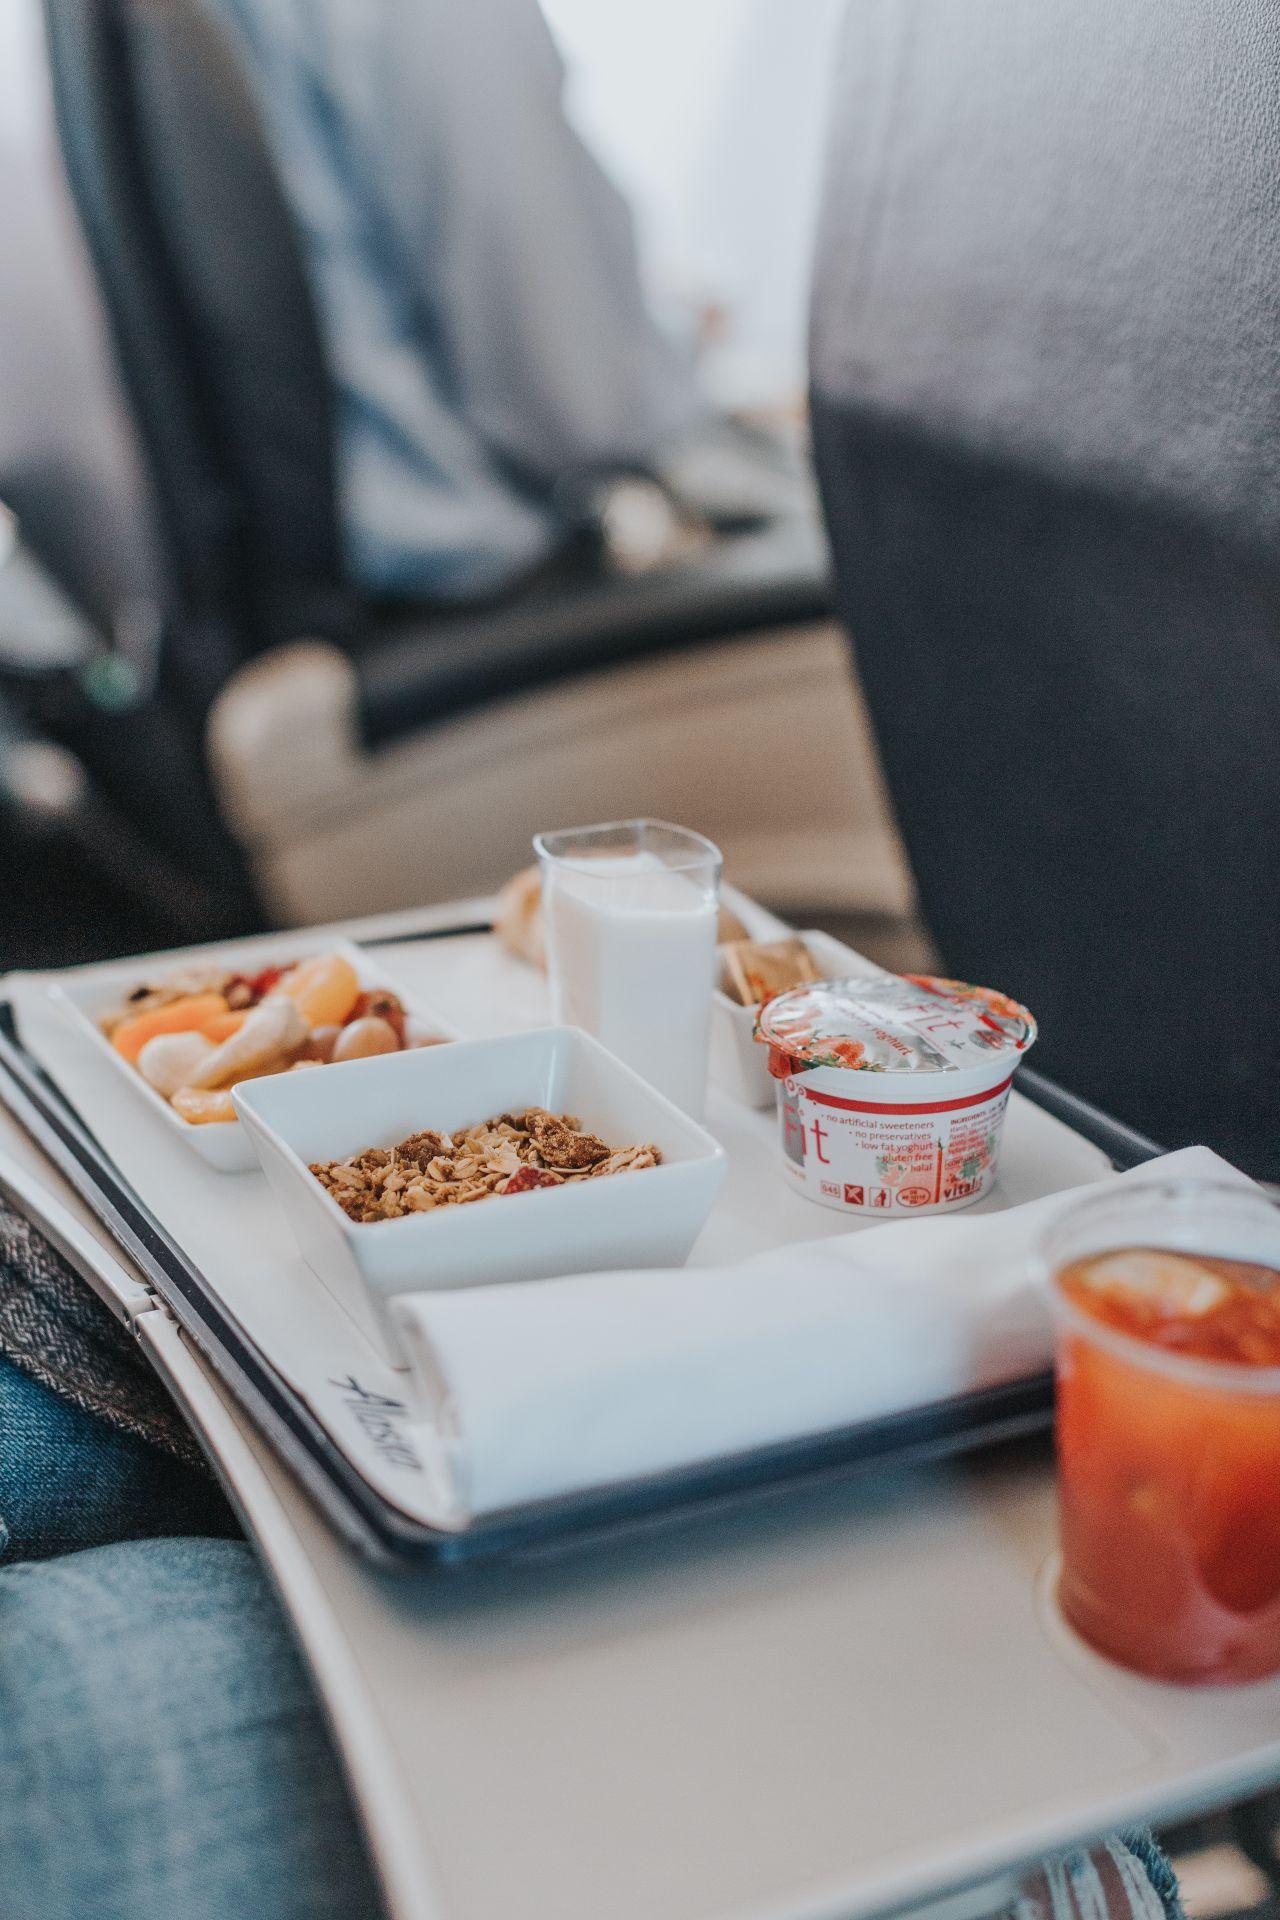 La razón por la que las compañías aéreas deberían prohibir definitivamente el consumo de frutos secos a bordo